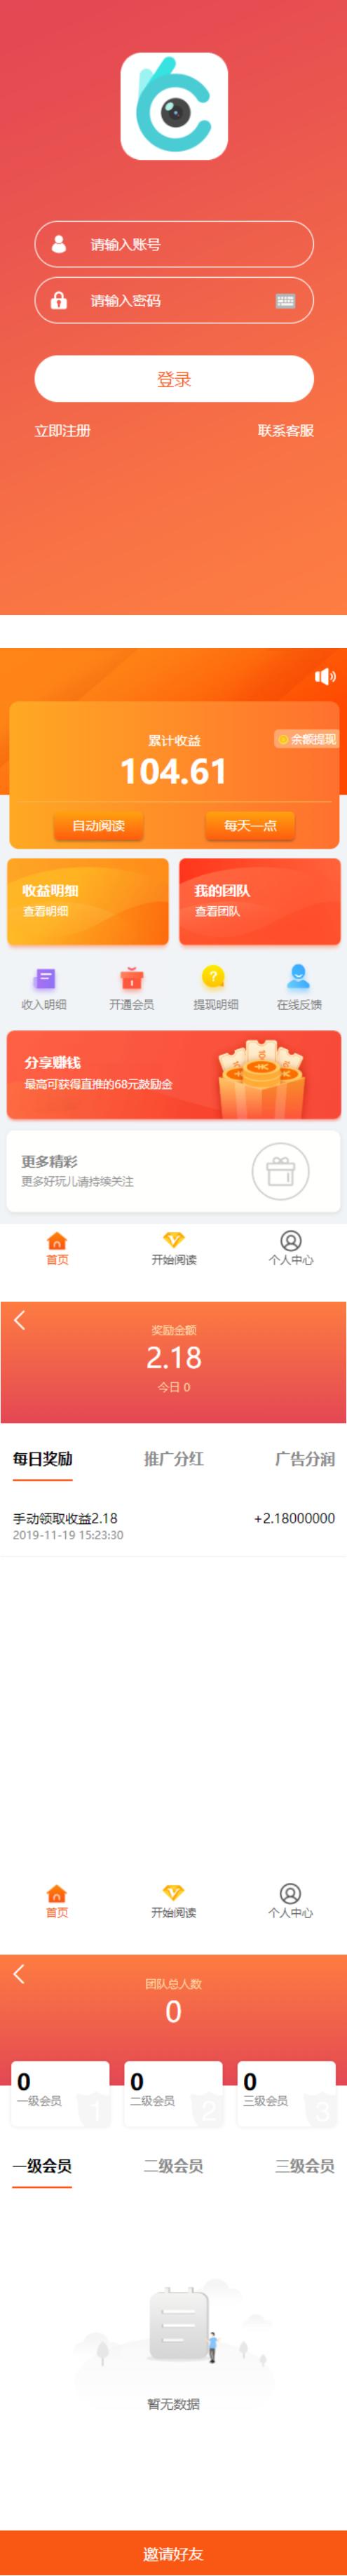 【自动阅读】橙色UI赚积分系统[3级团队] 第1张